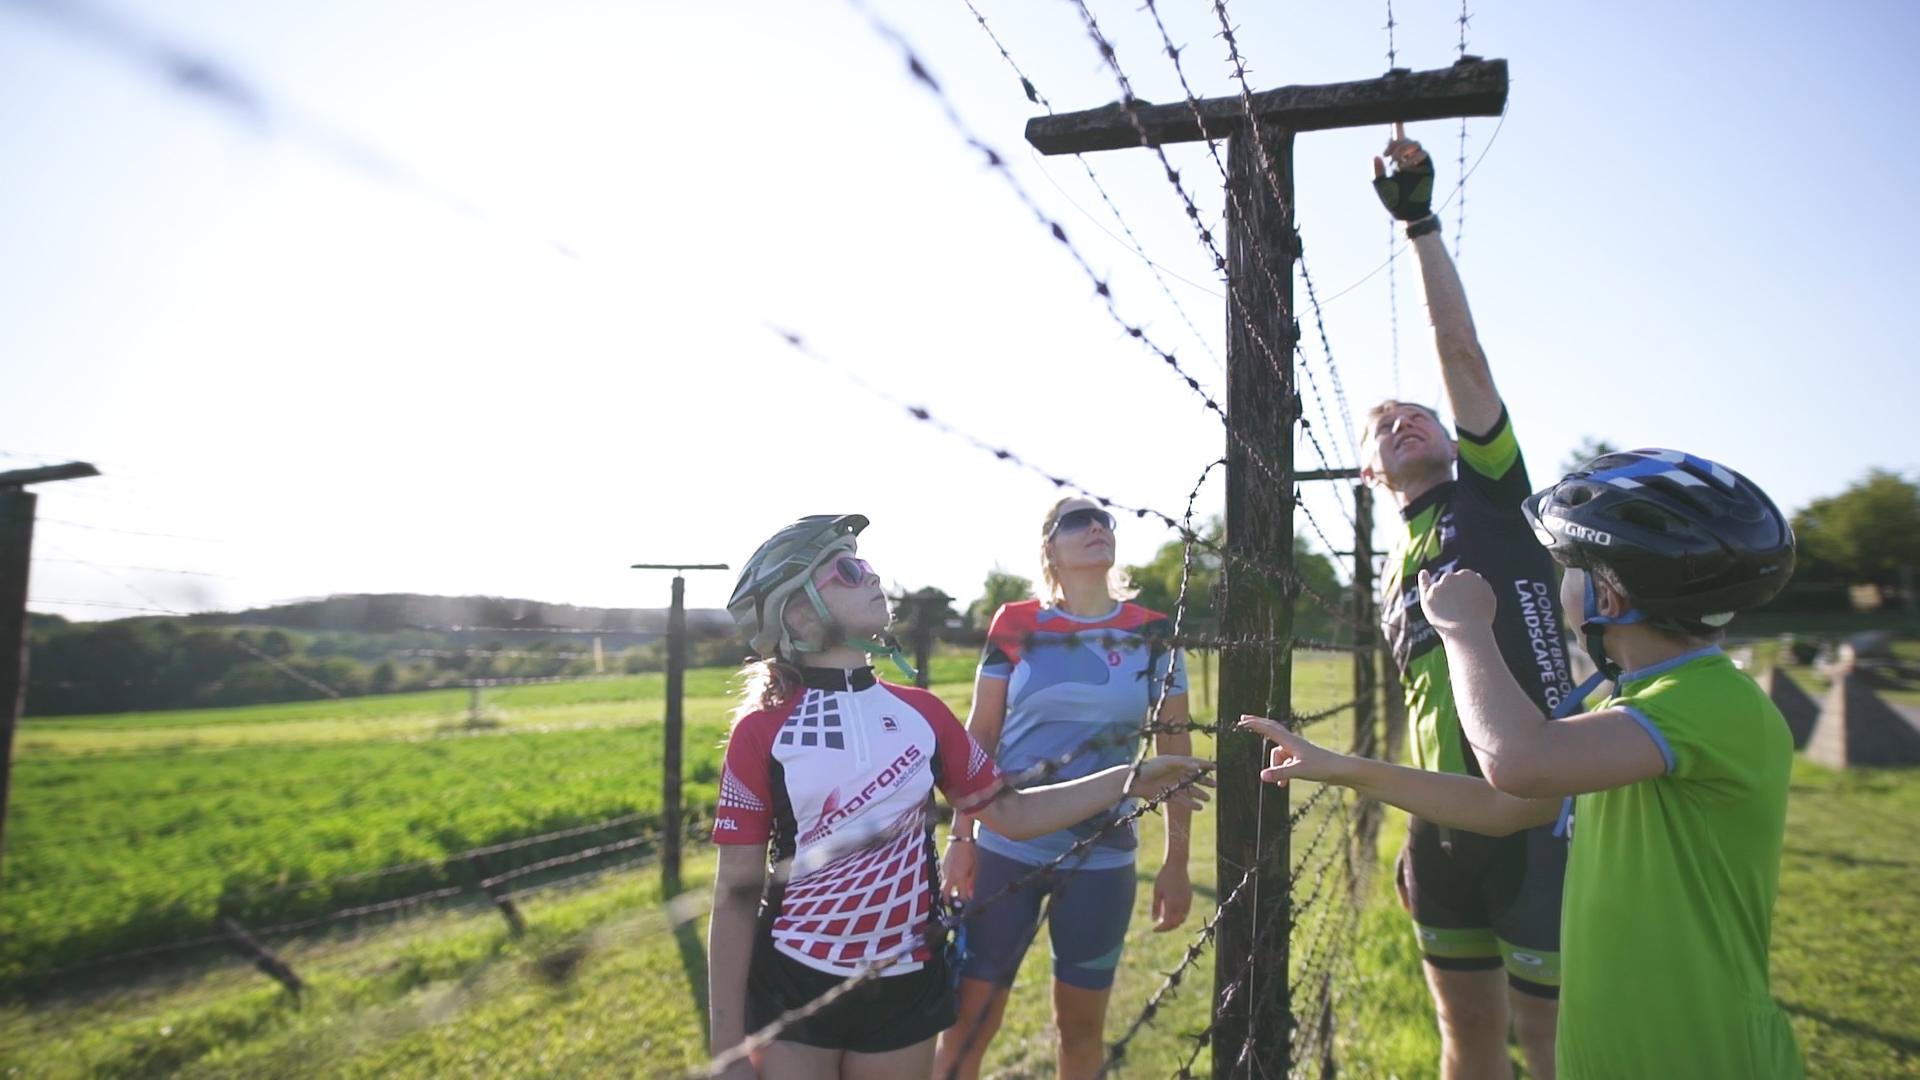 Rutas cicloturistas en la República Checa